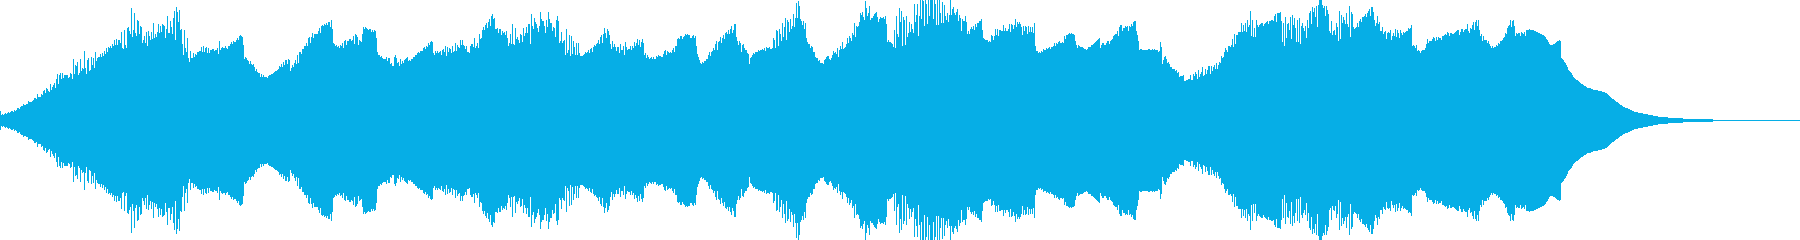 ホラー動画★タイトル/ナレーション用の再生済みの波形